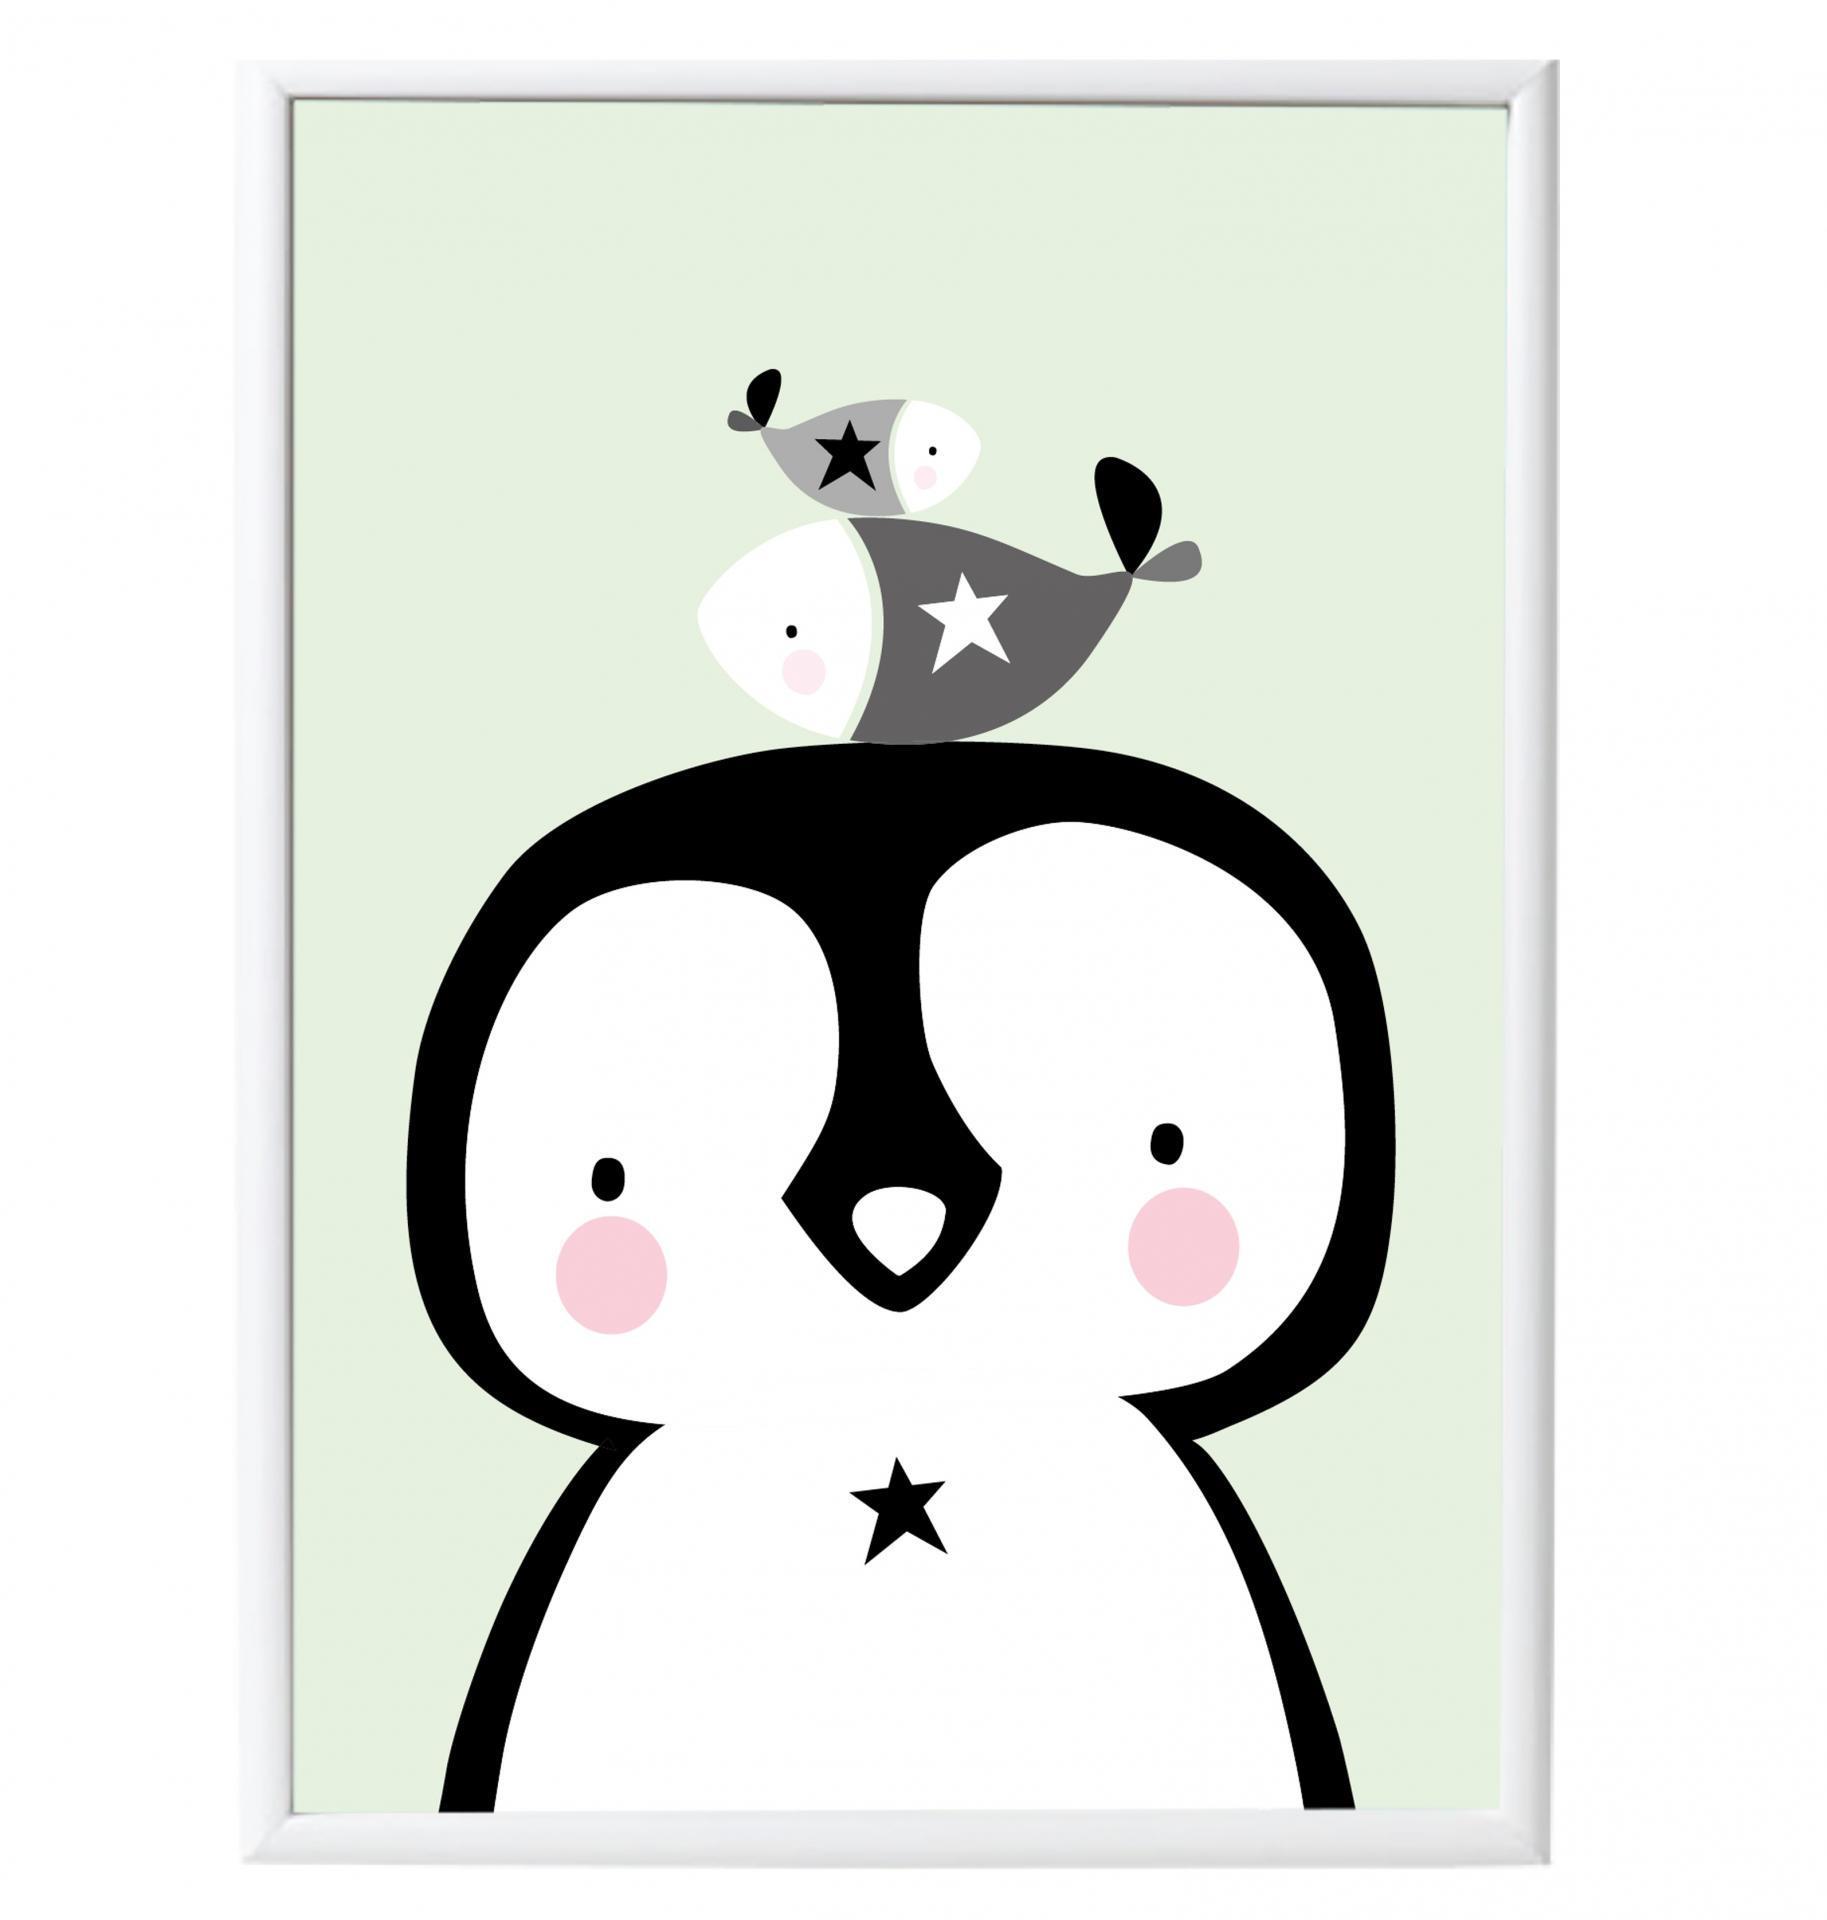 A Little Lovely Company Dětský plakát Penguin & co. 50x70 cm, zelená barva, papír